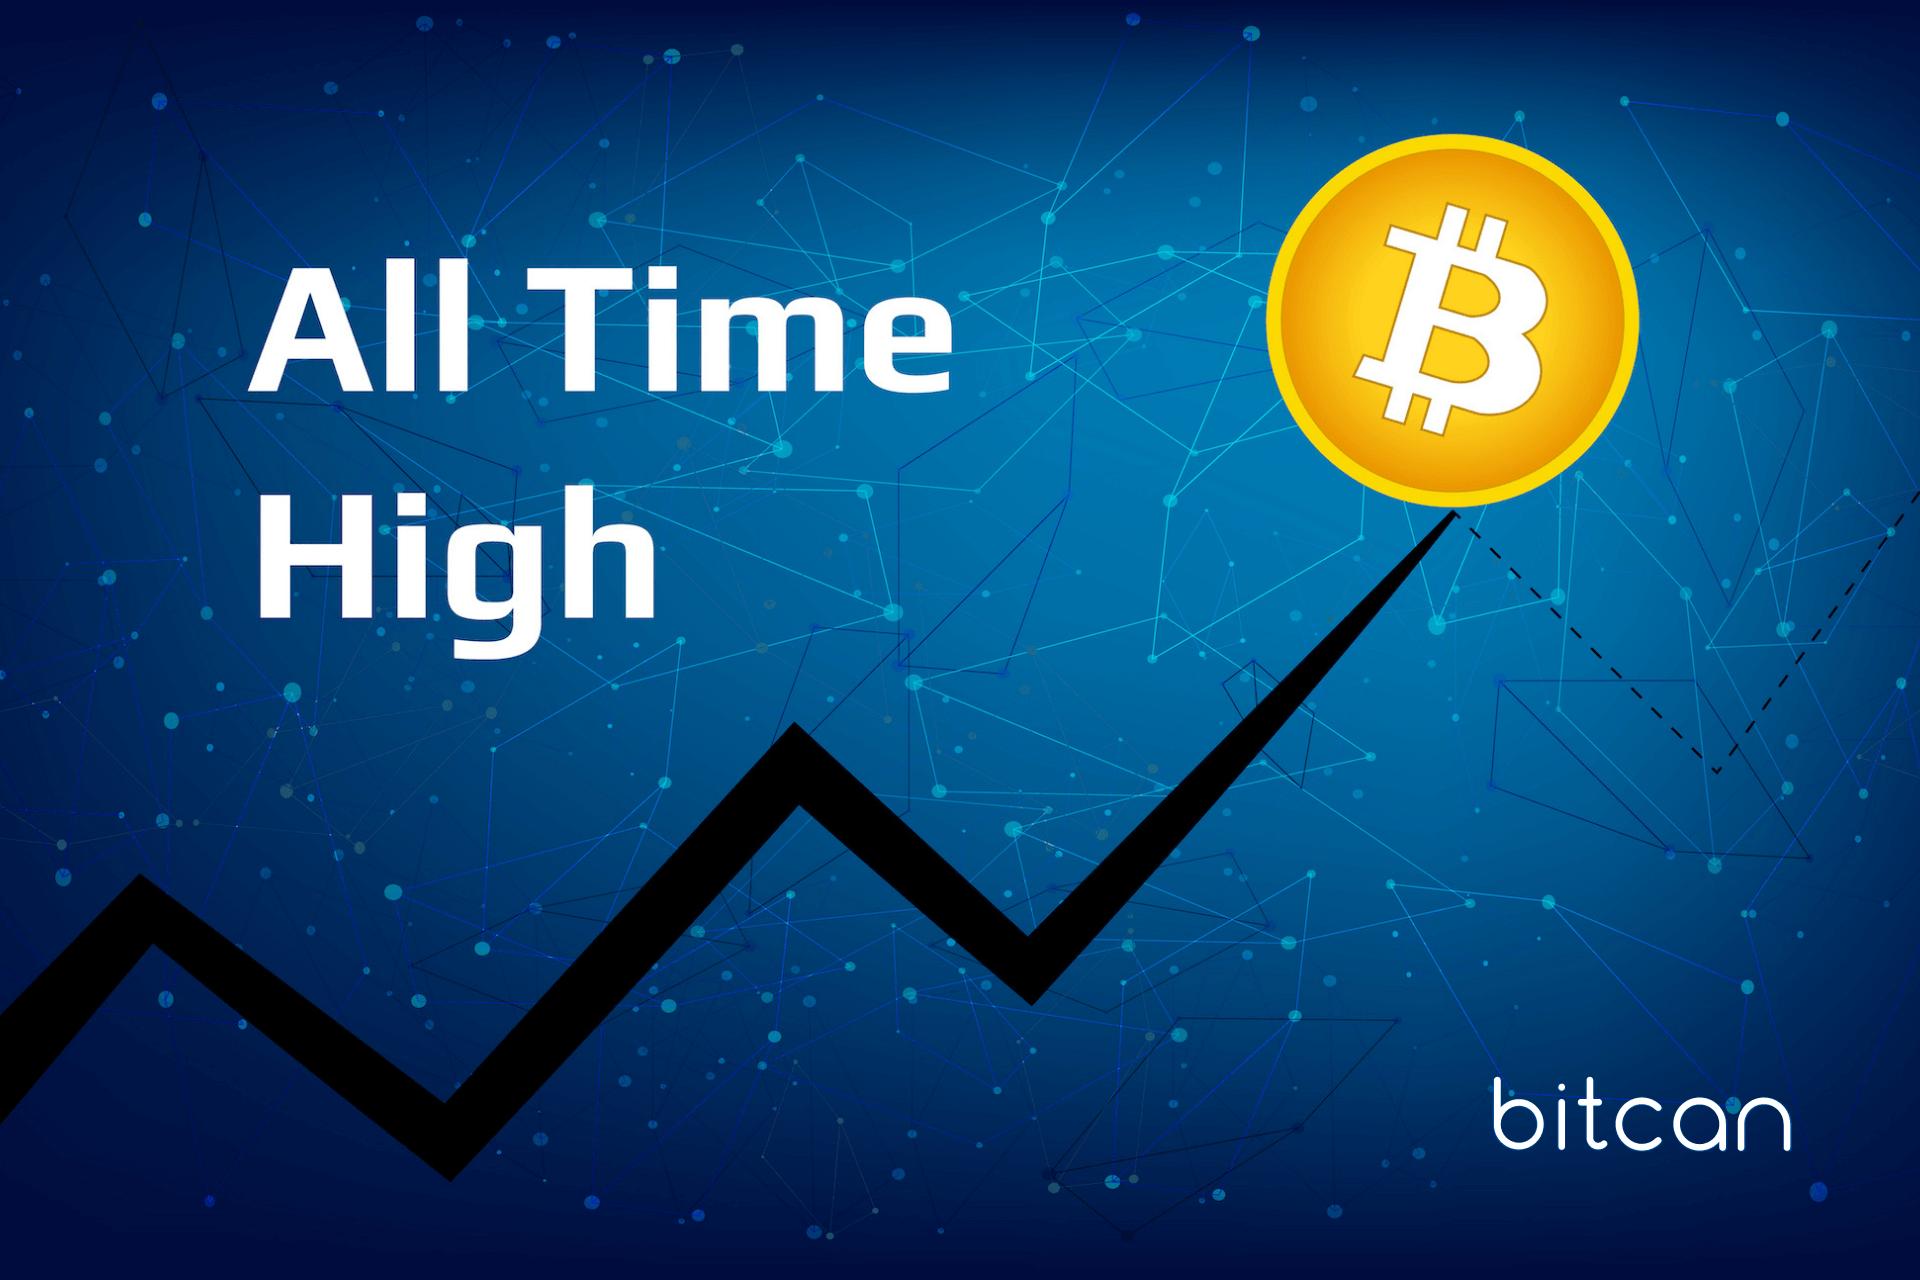 Najwyższy kurs bitcoina w historii: BTC pokonał historyczną barierę 50 tys. USD